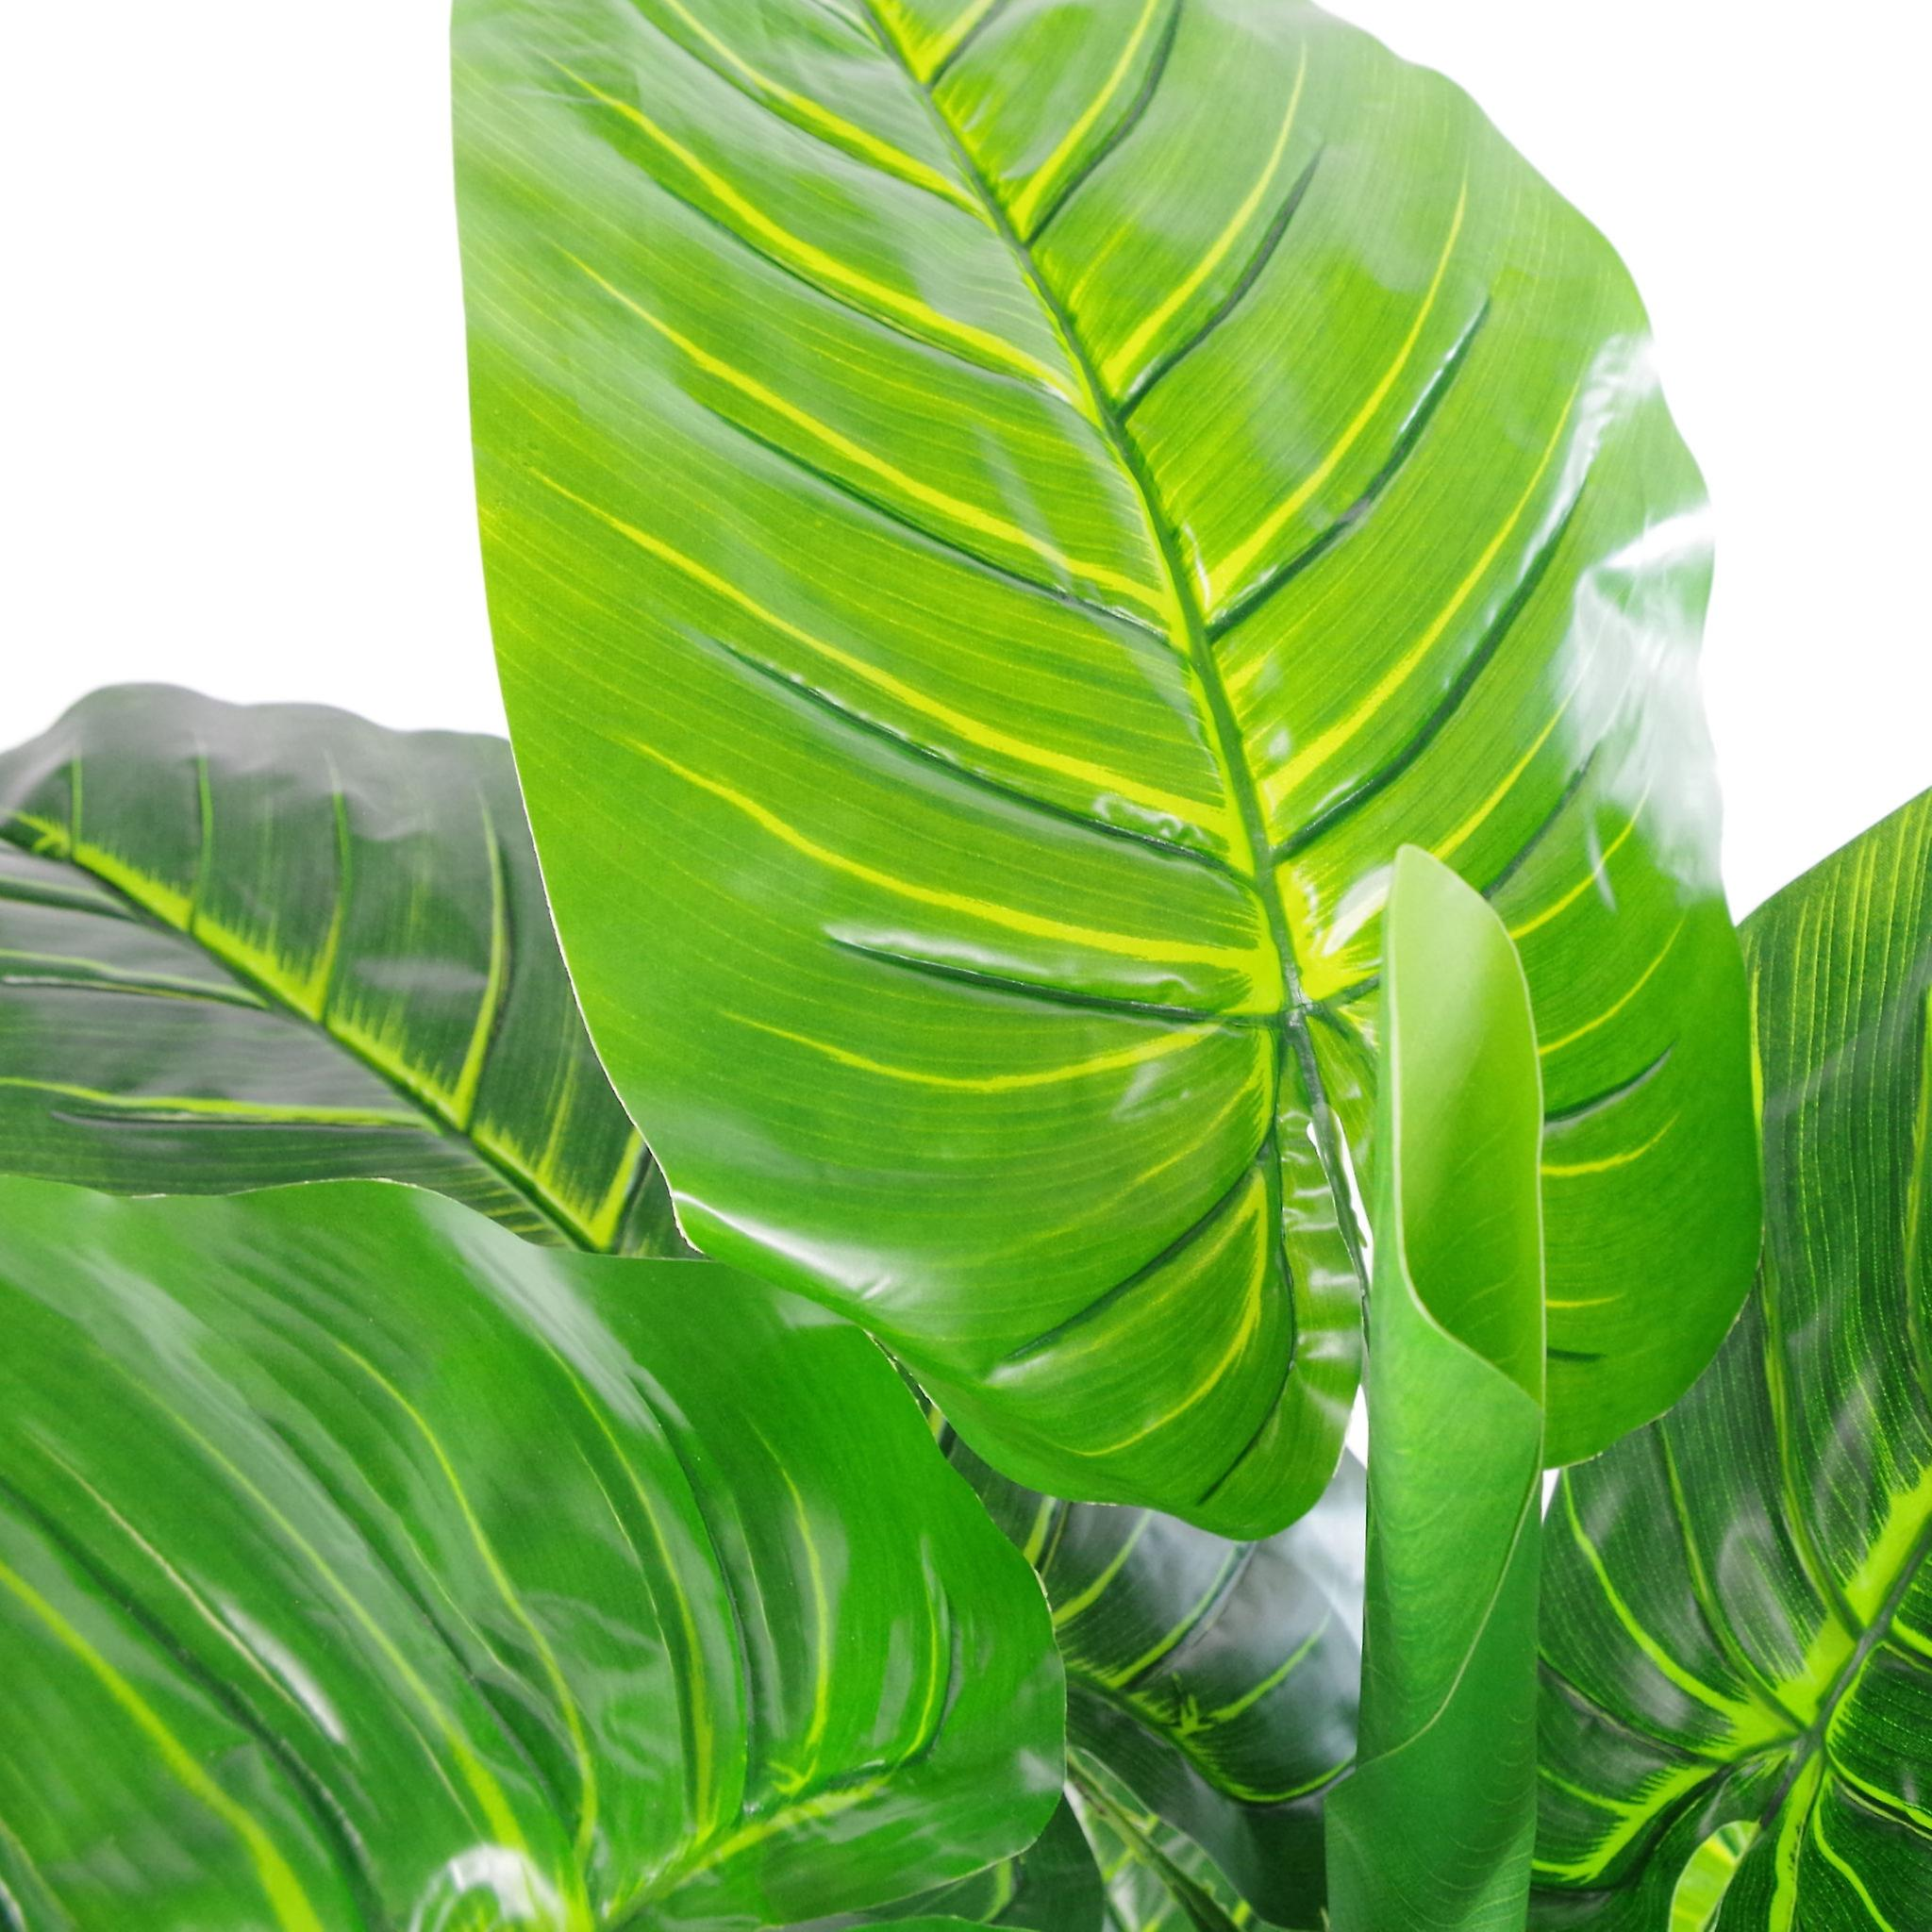 105cm Artificial Elephant Ear Plant (Colocasia) - Extra Large